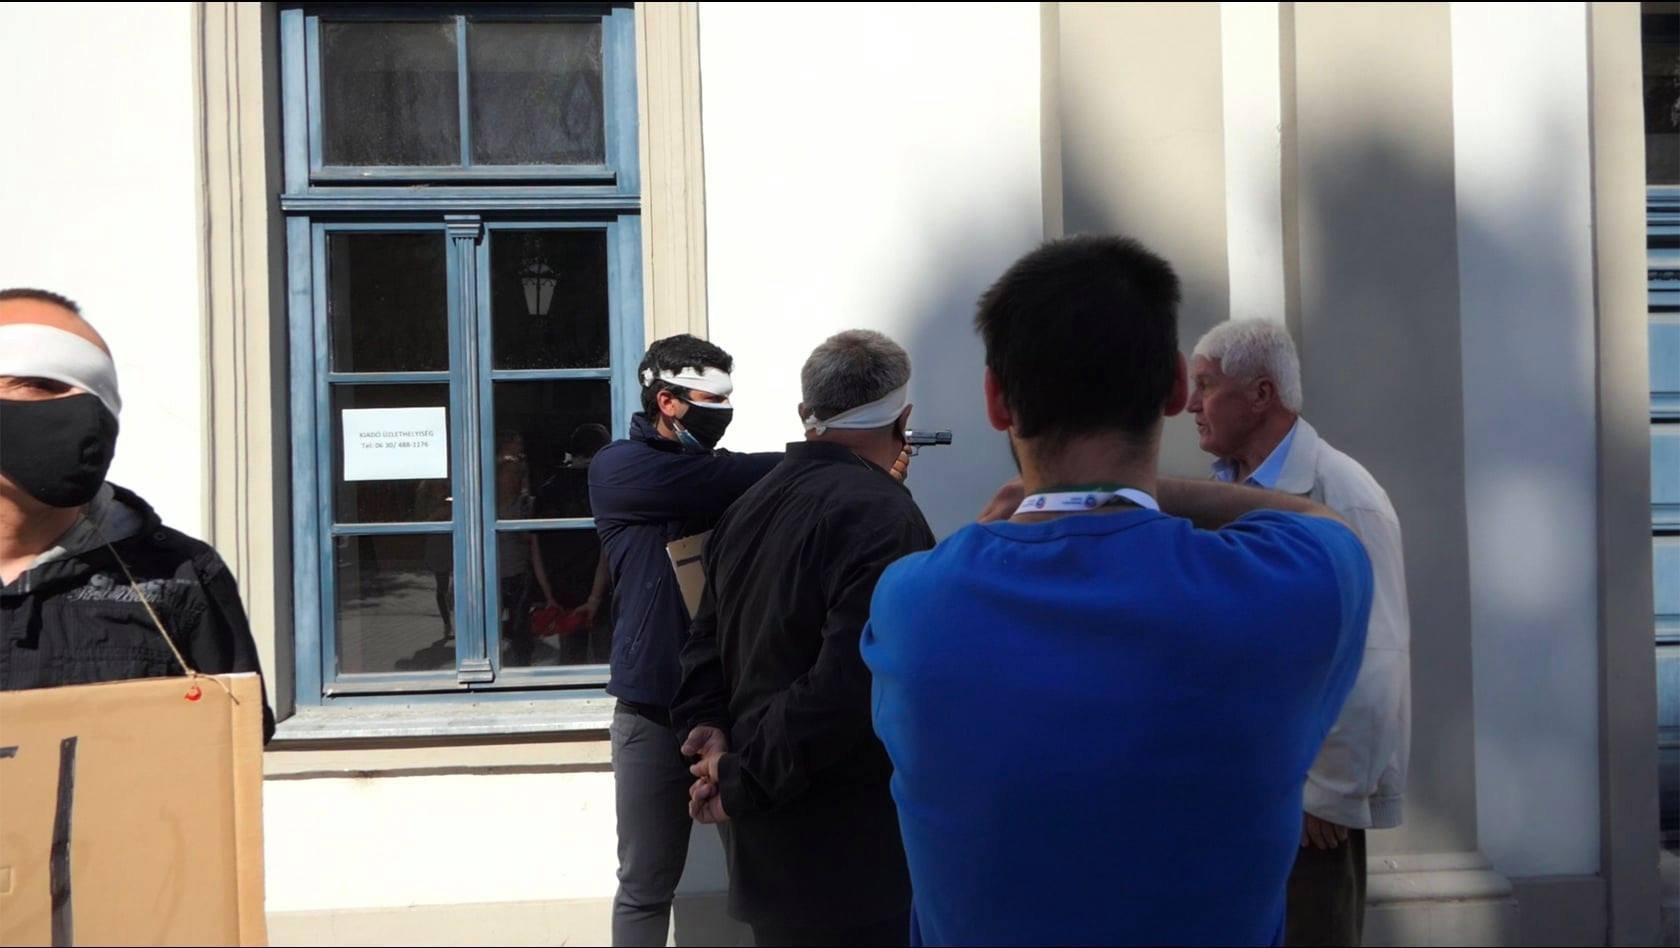 Vádat emeltek az ellentüntető ellen, aki gázpisztolyt rántott elő Dobrev Klára kampányeseményén